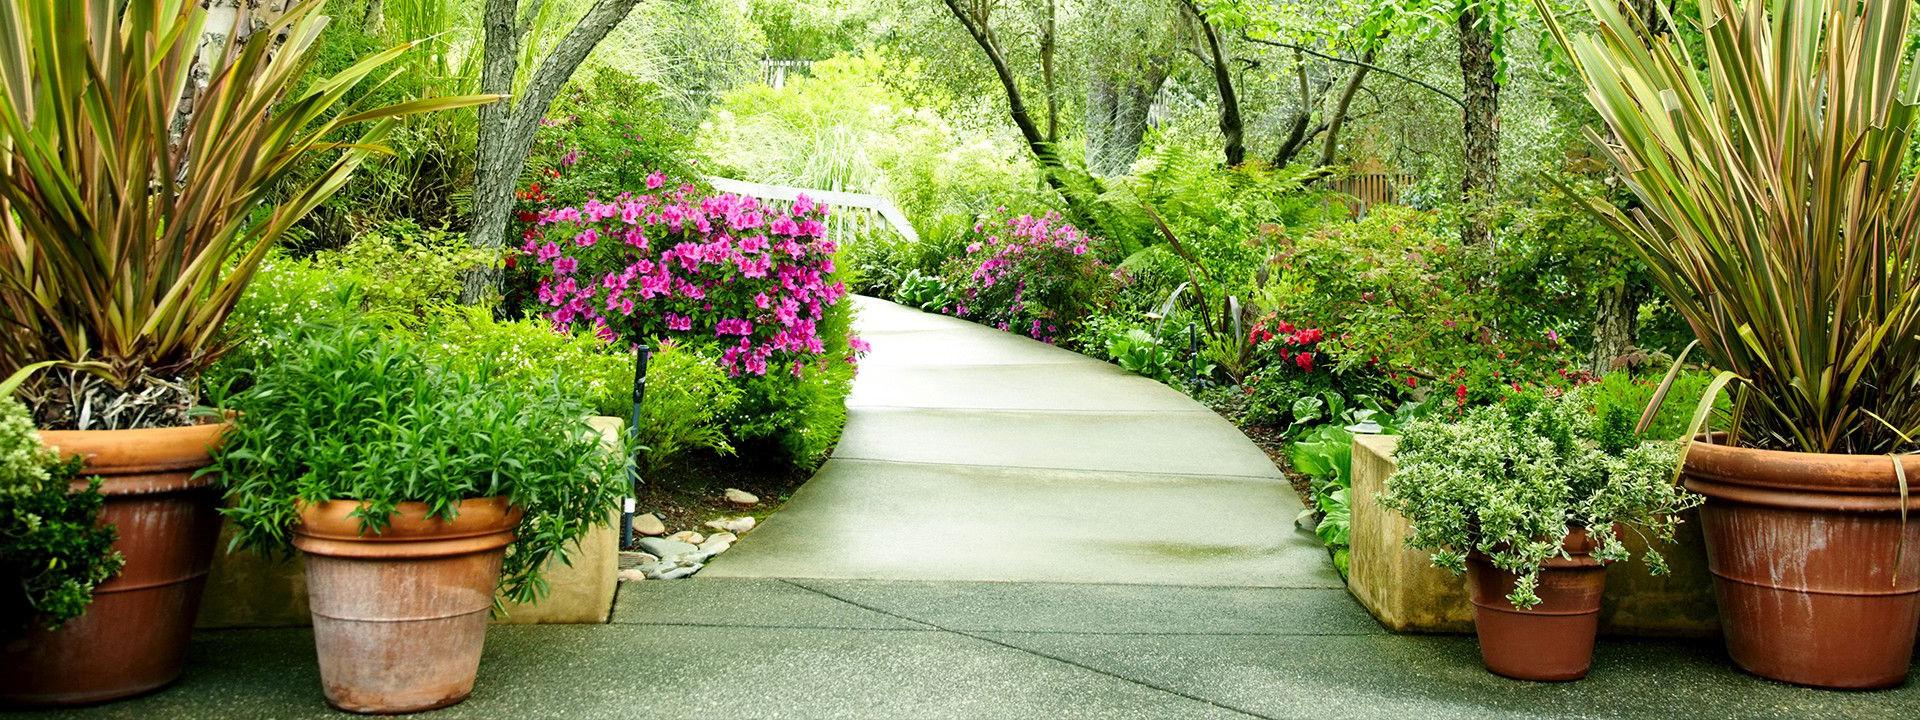 Resources | Mission Park Funeral Chapels & Cemeteries